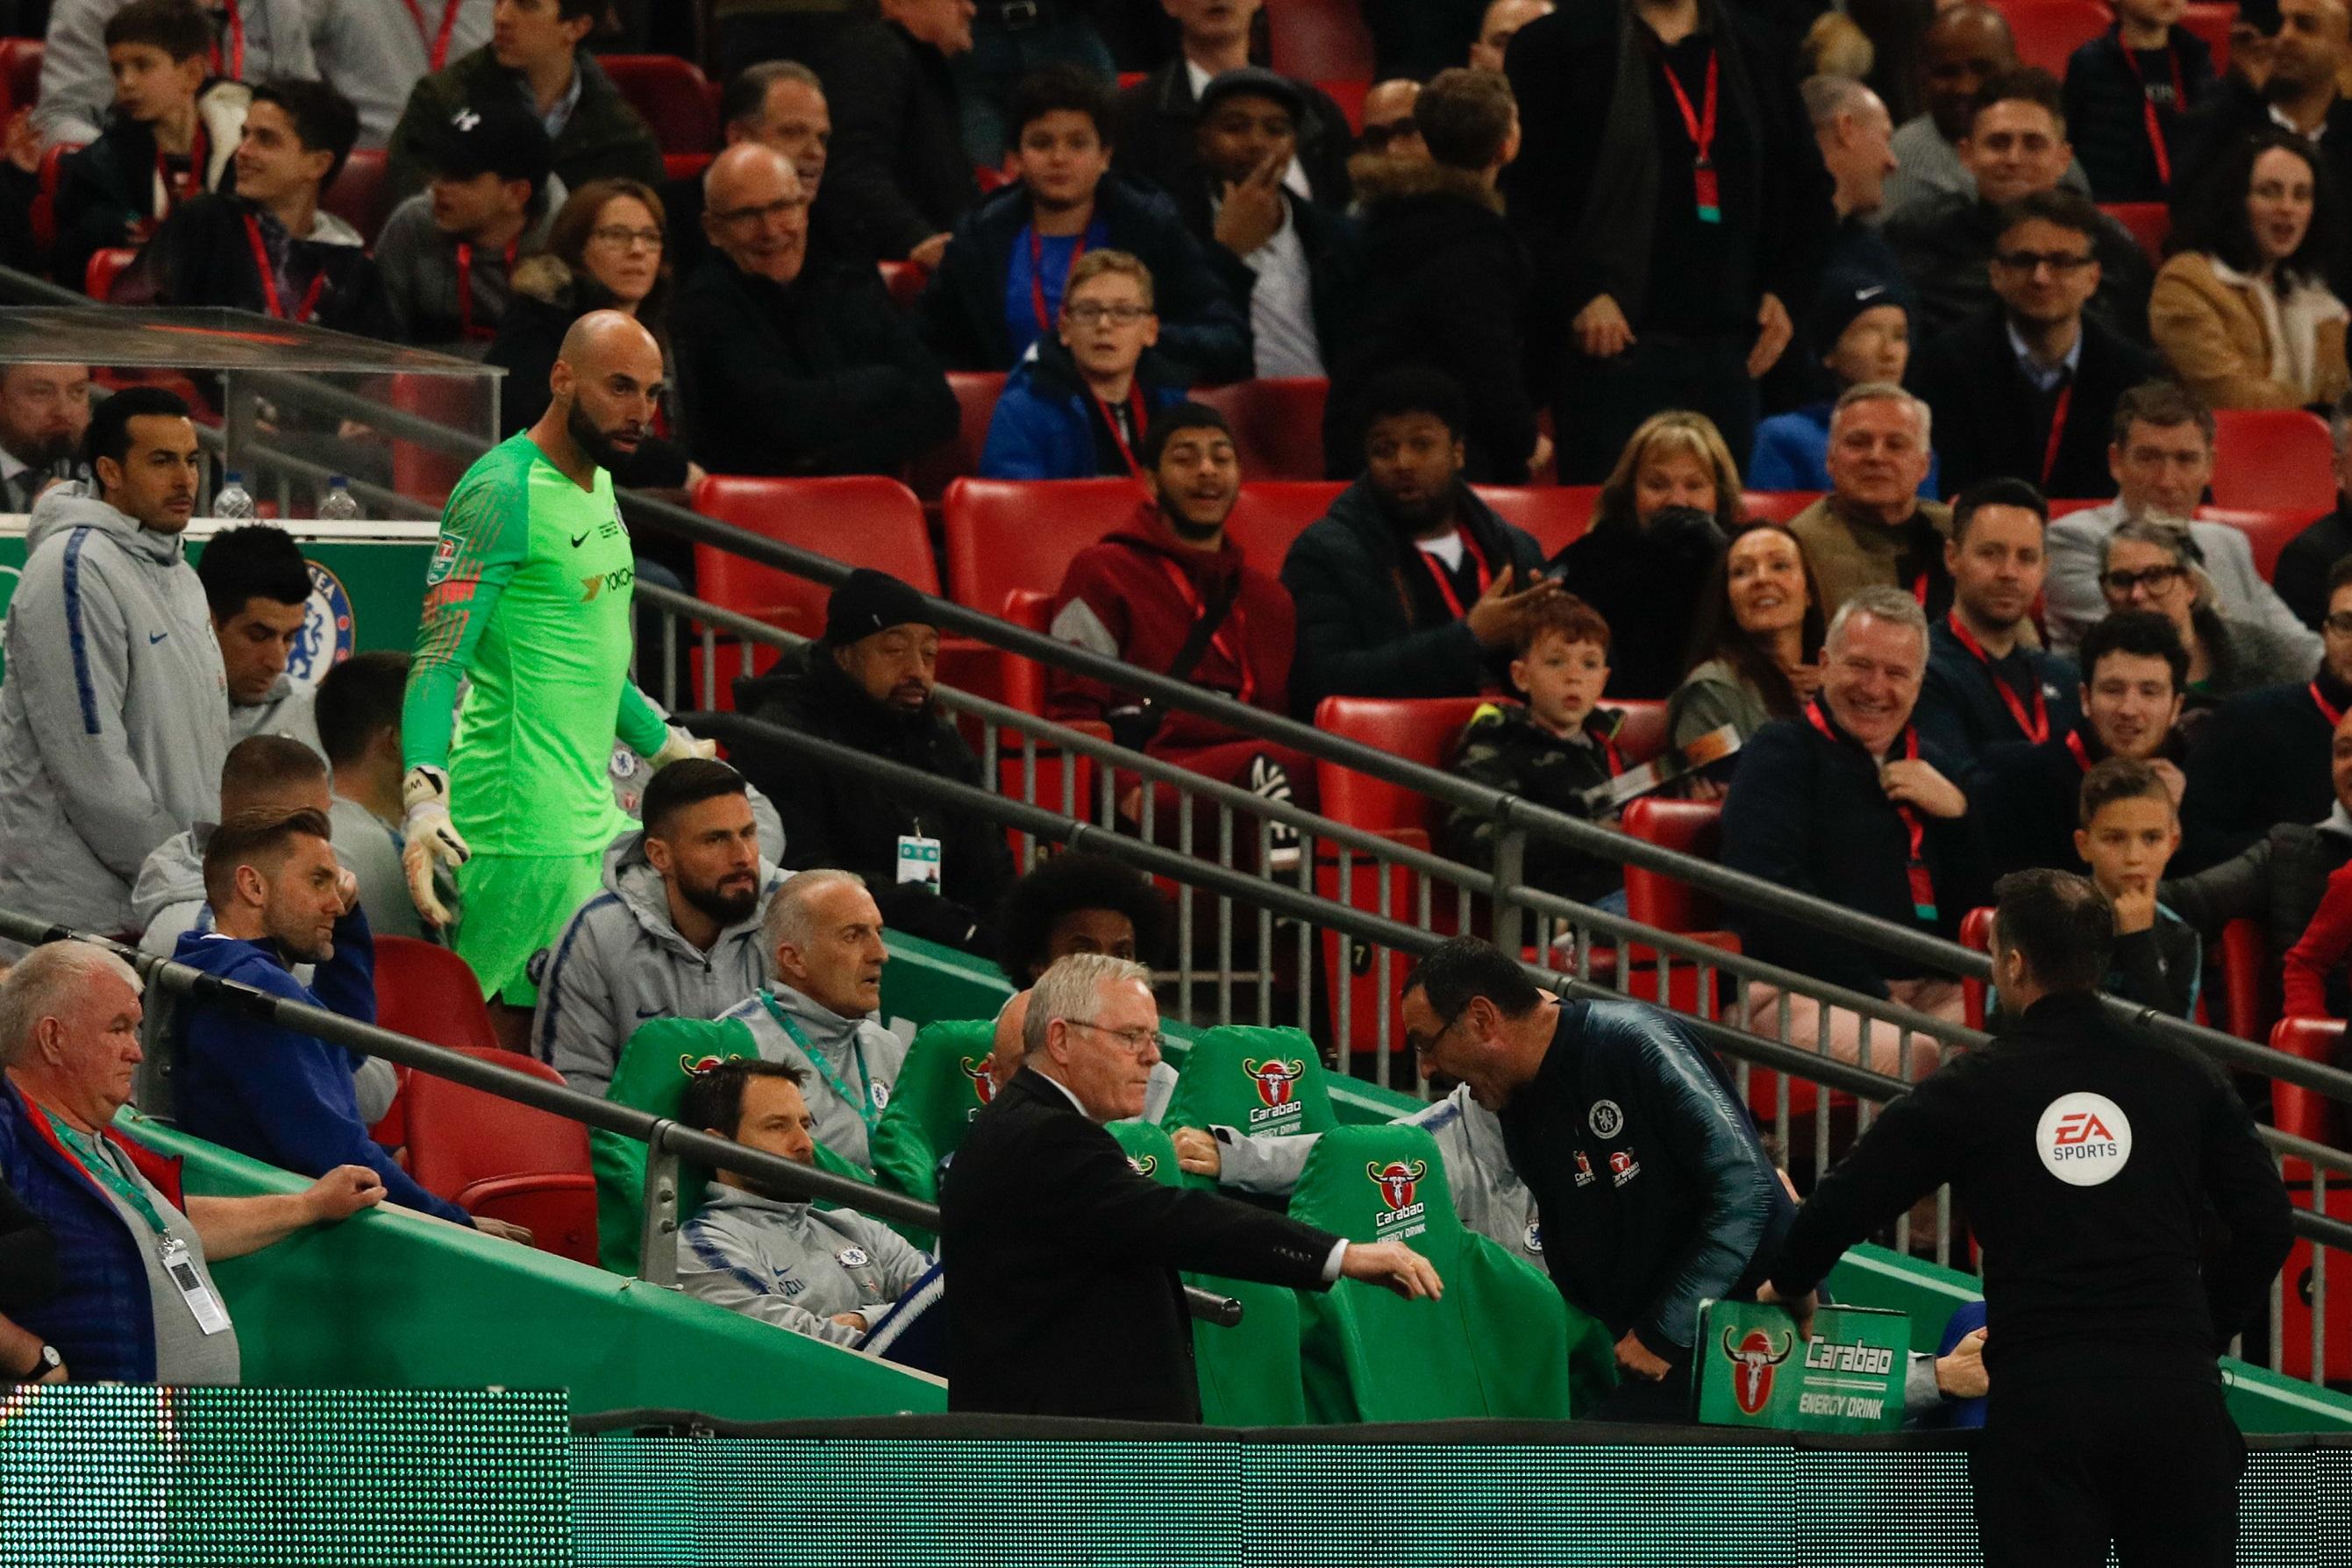 Maurizio Sarri envuelto en el caos de la final